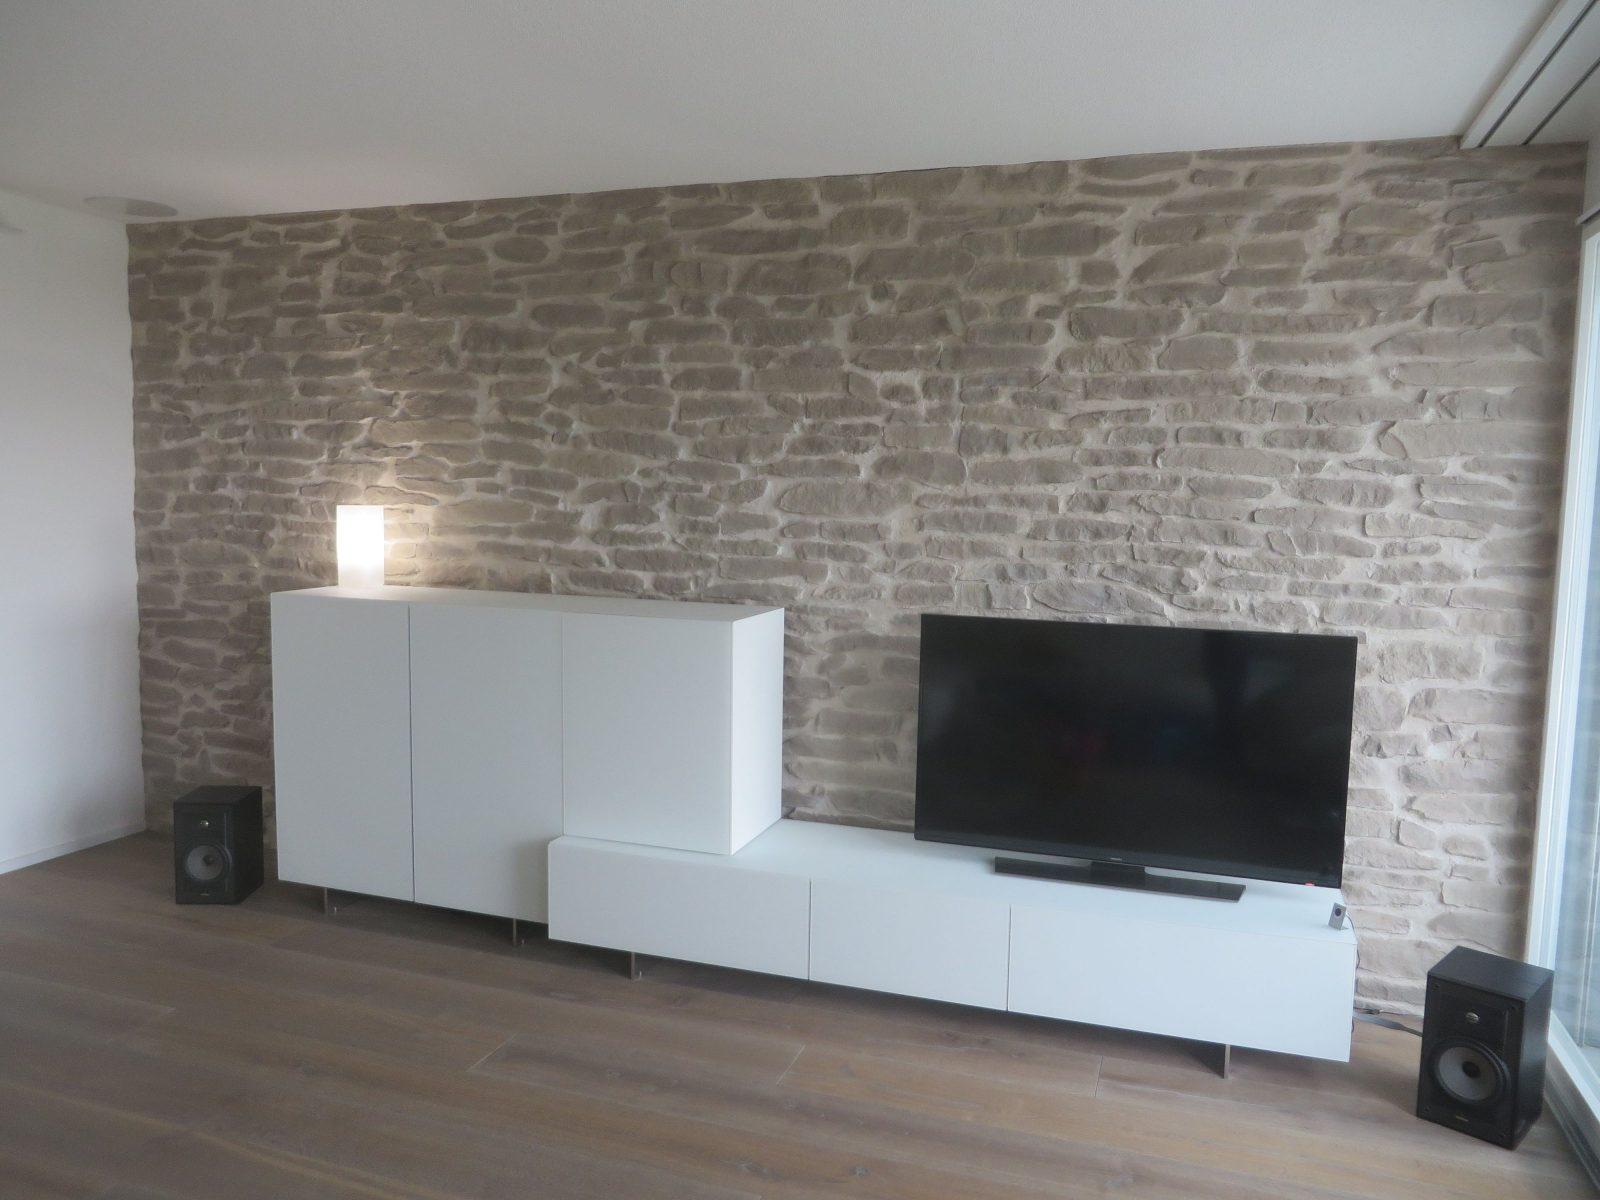 Wohnzimmerwand Steinoptik Lajas  Wohnzimmer  Wohnzimmerwand von Wände Mit Steinen Gestalten Bild